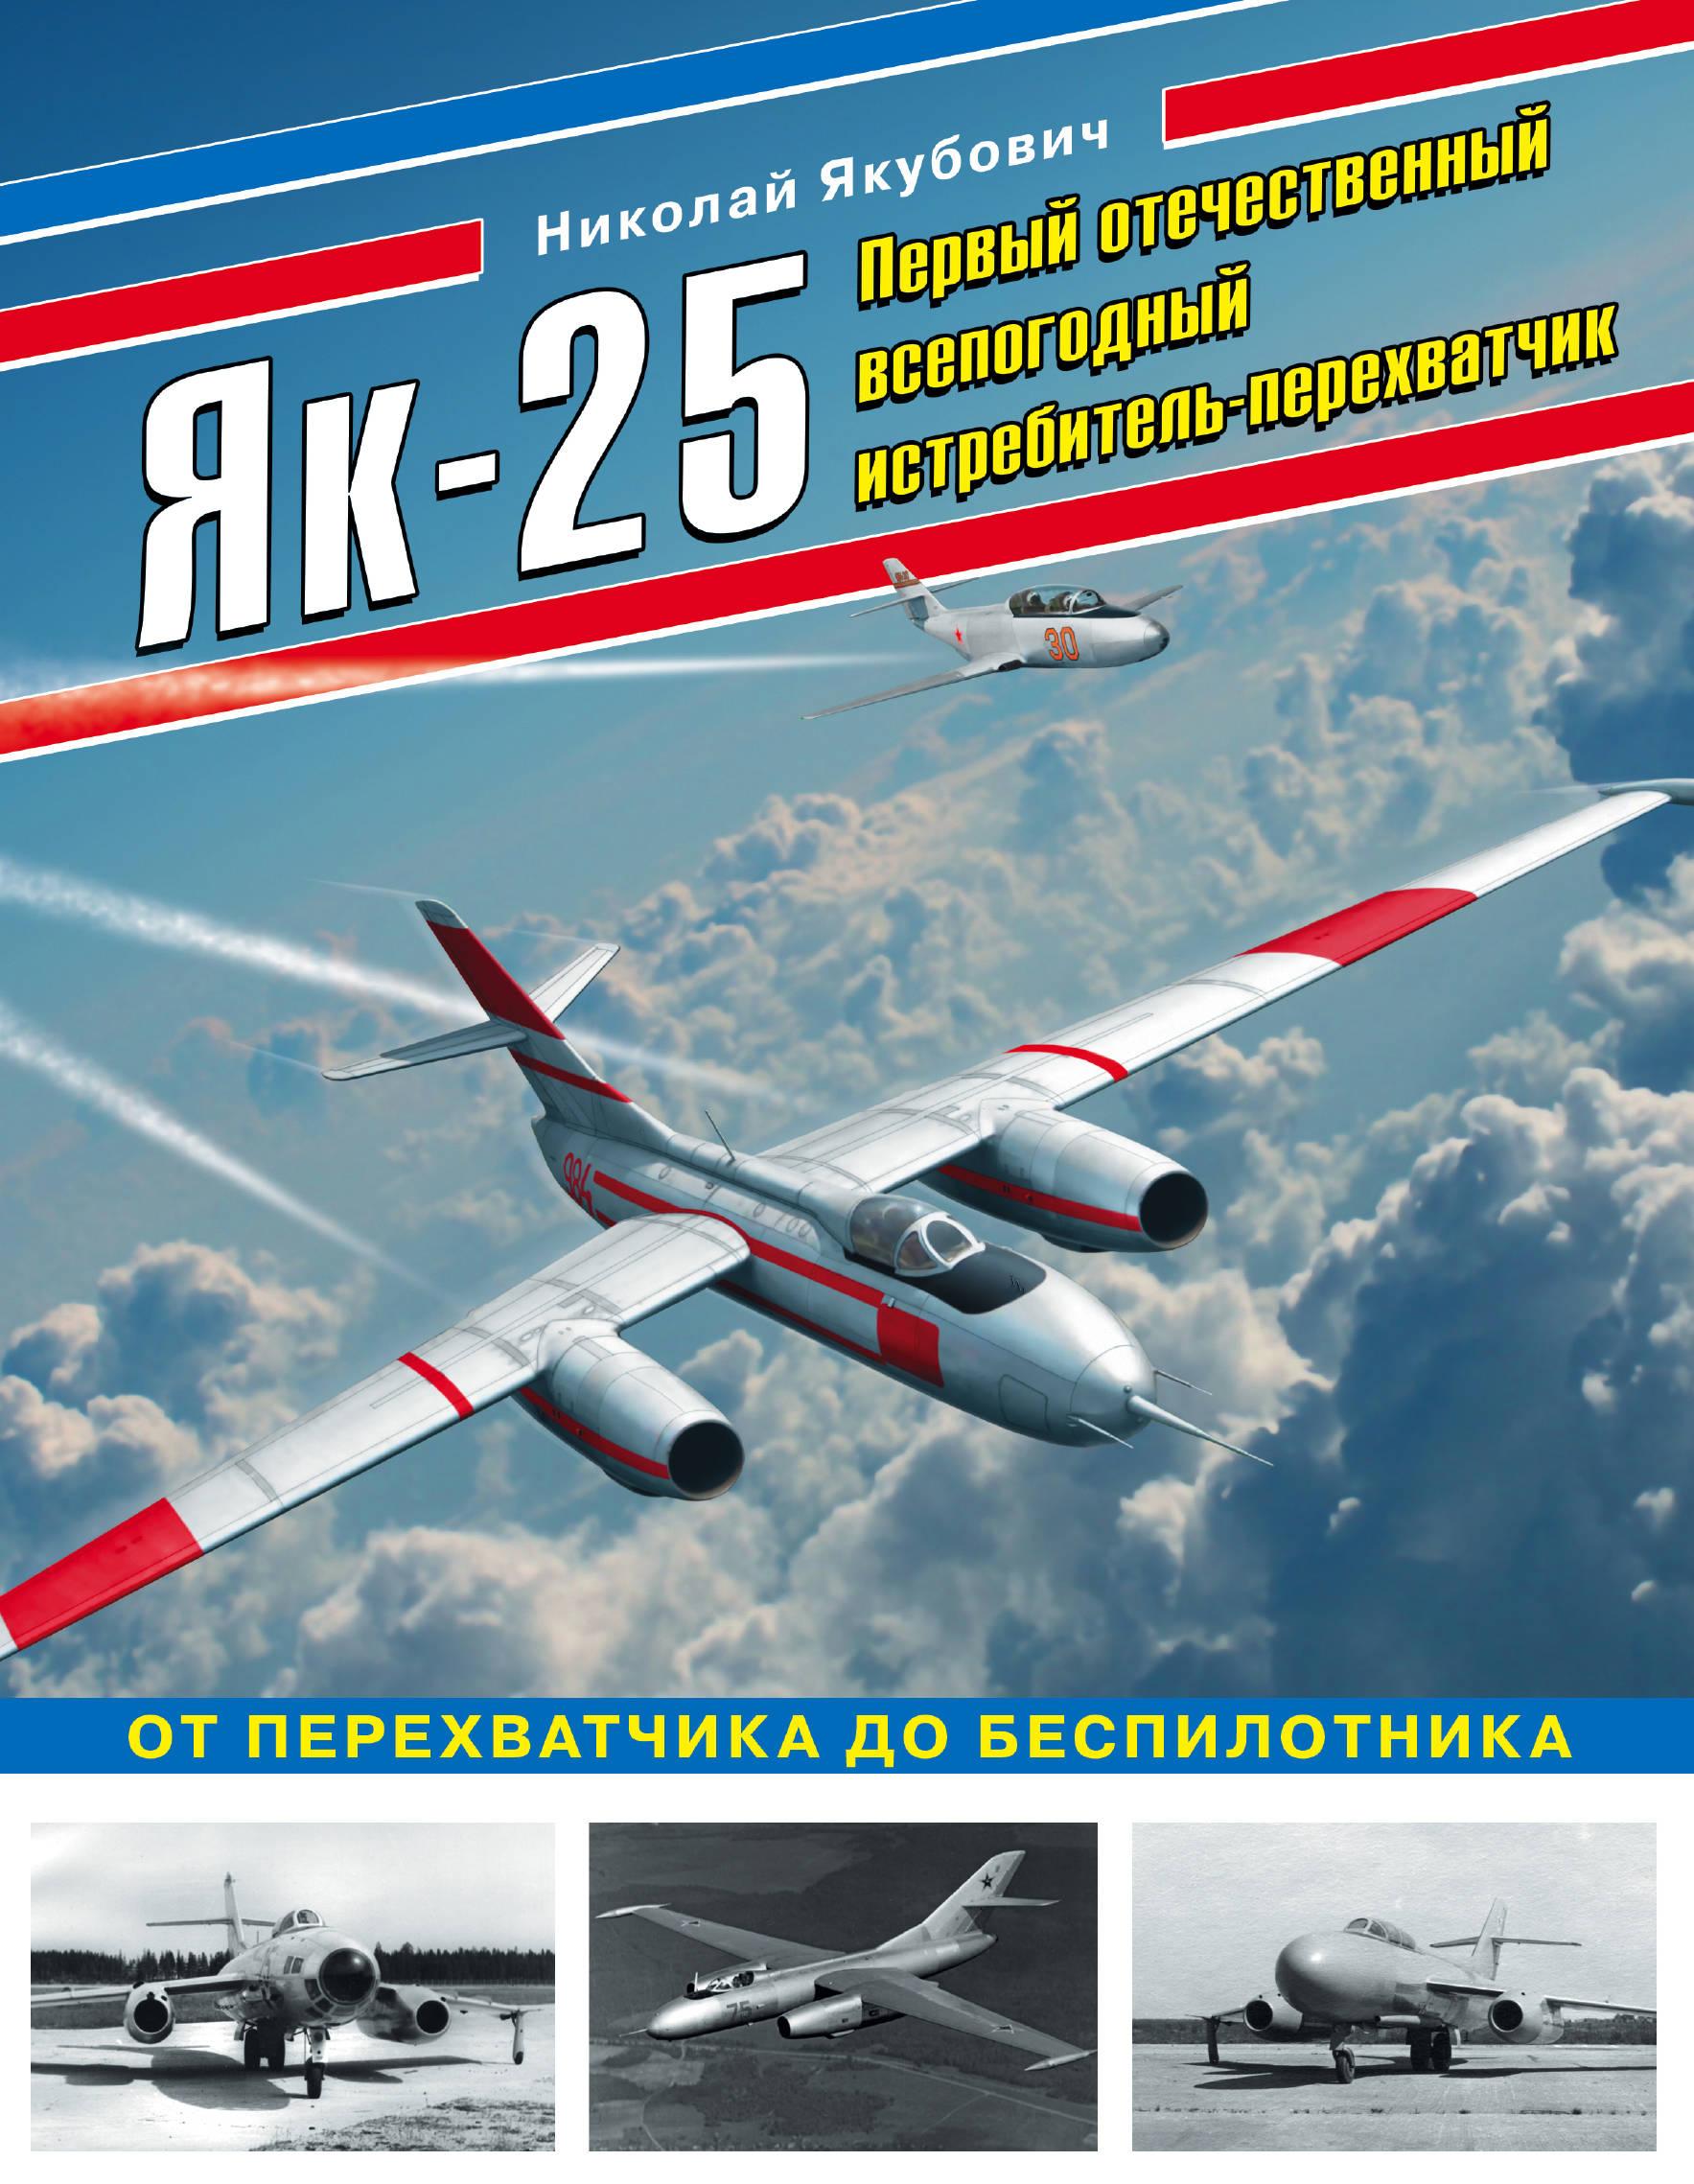 Як-25. Первый отечественный всепогодный истребитель-перехватчик